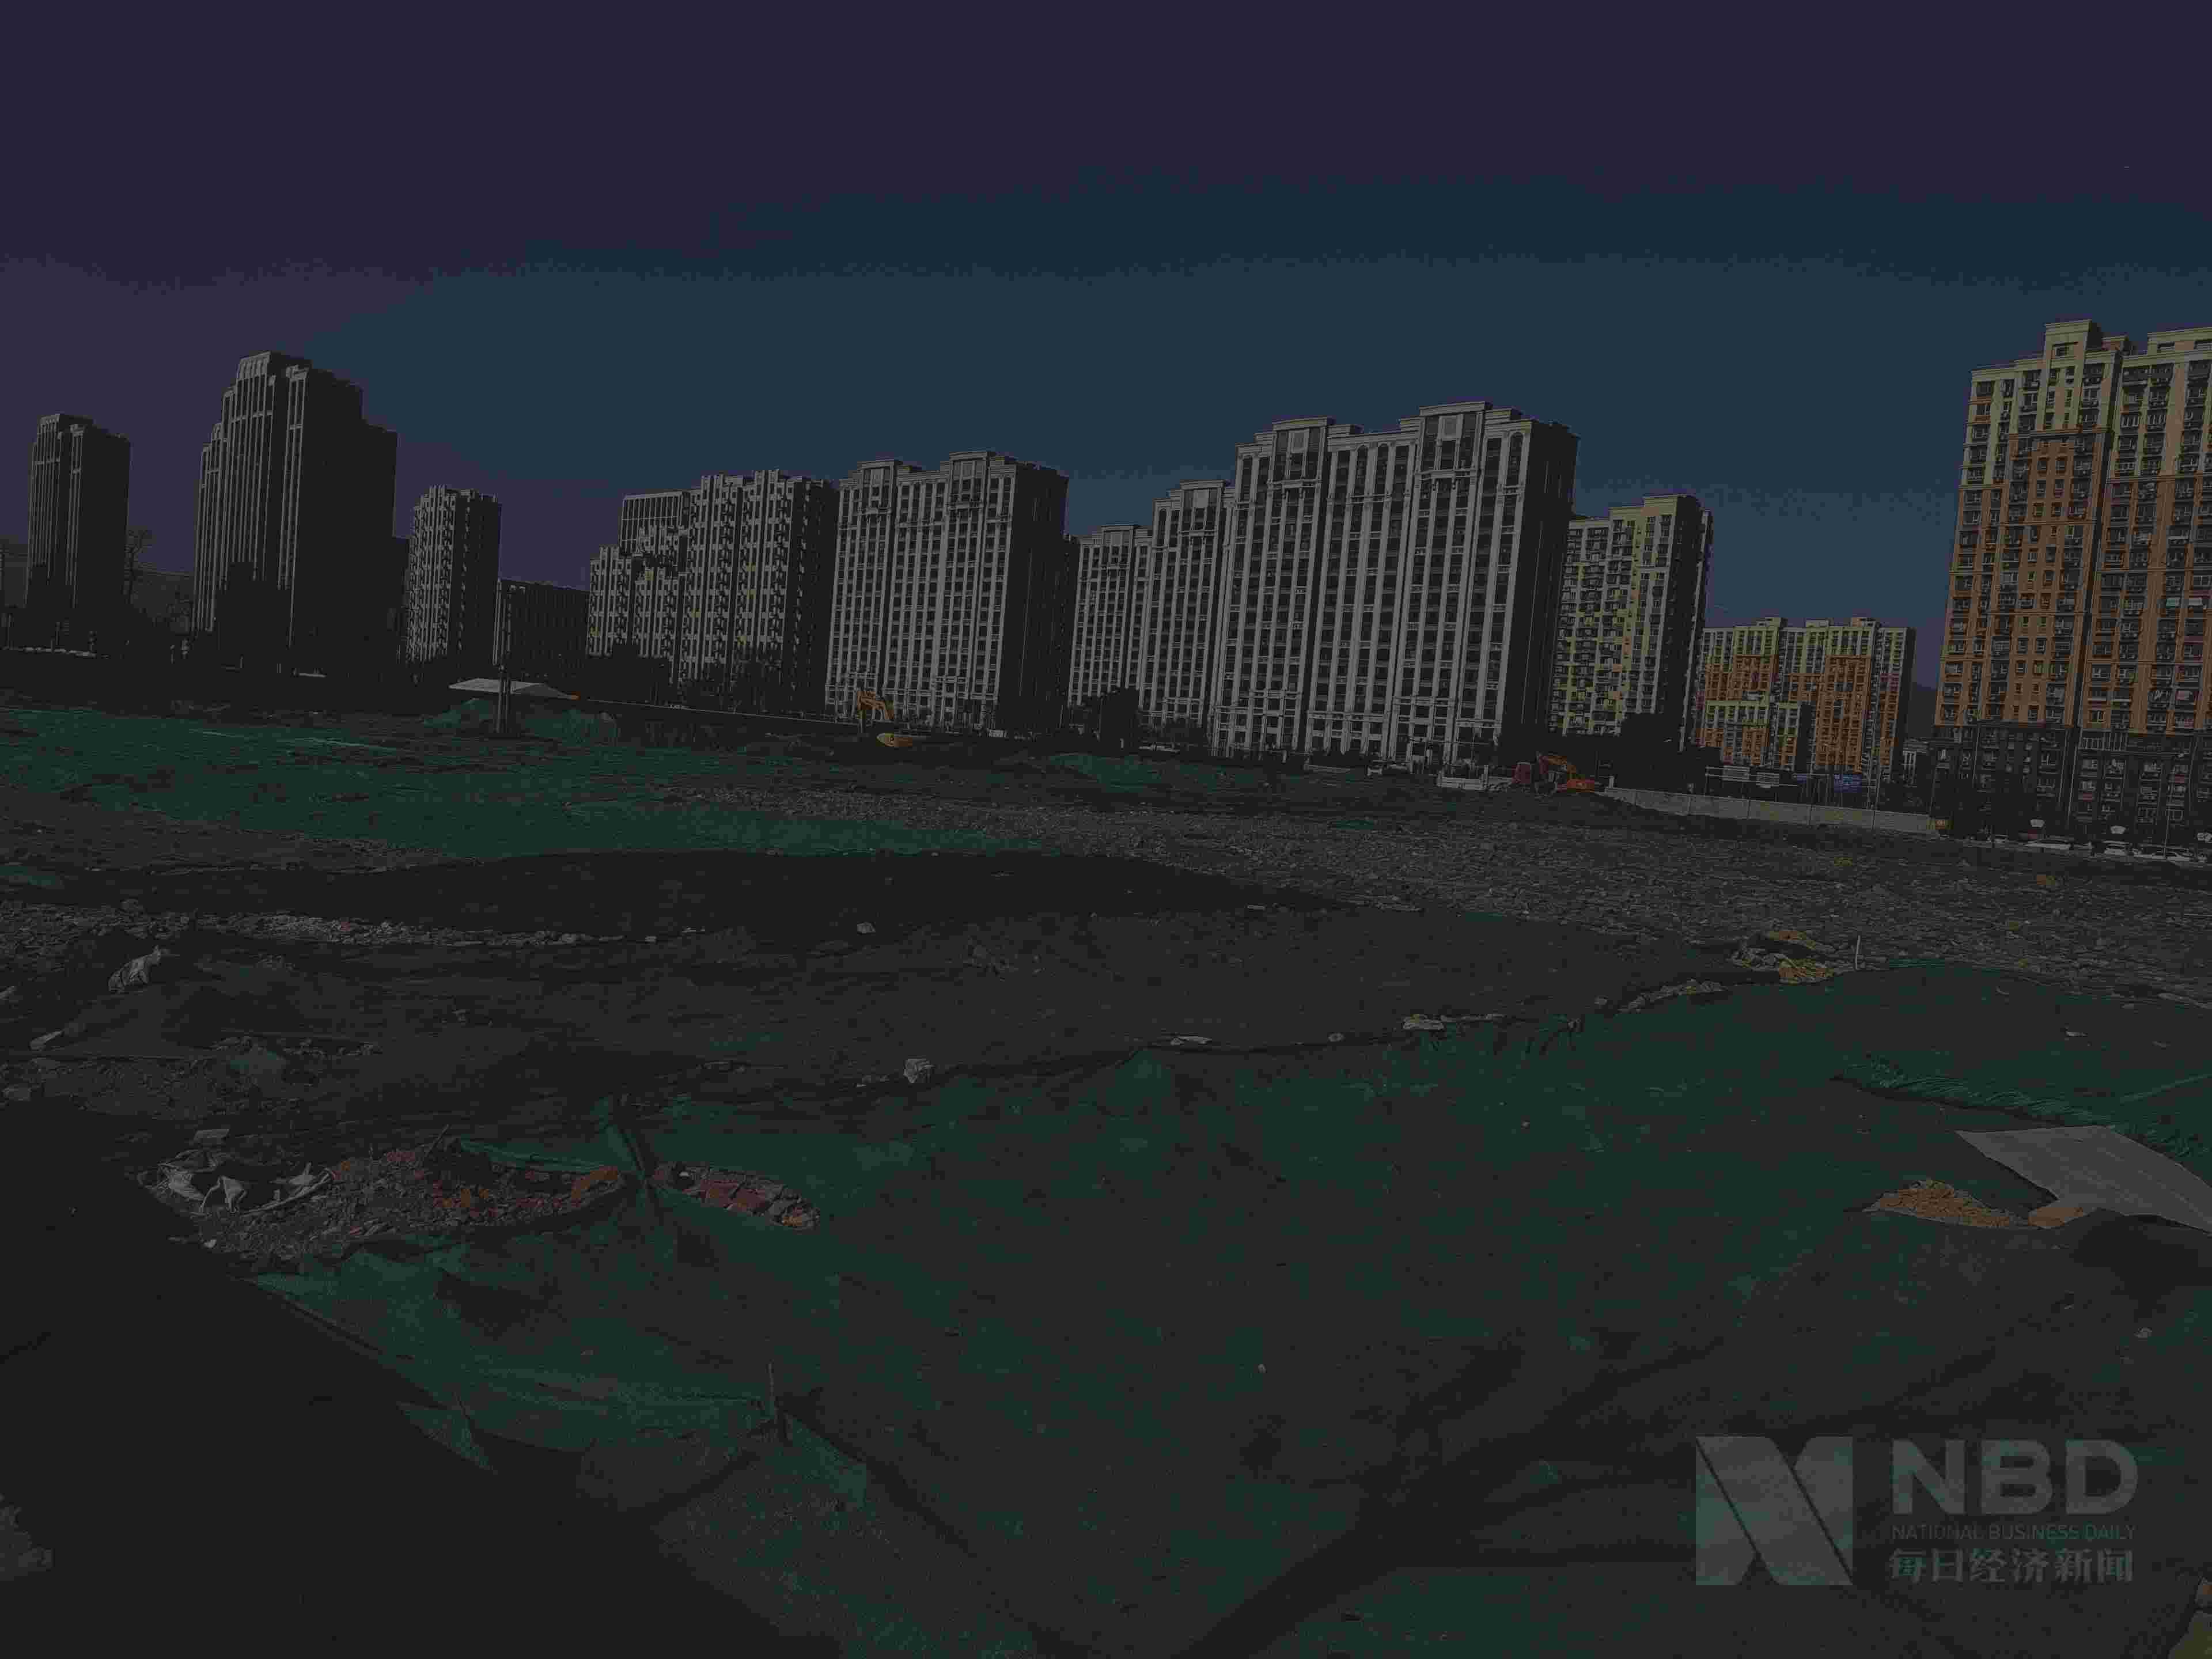 北京石景山区某地块 每日经济新闻记者 王佳飞 摄